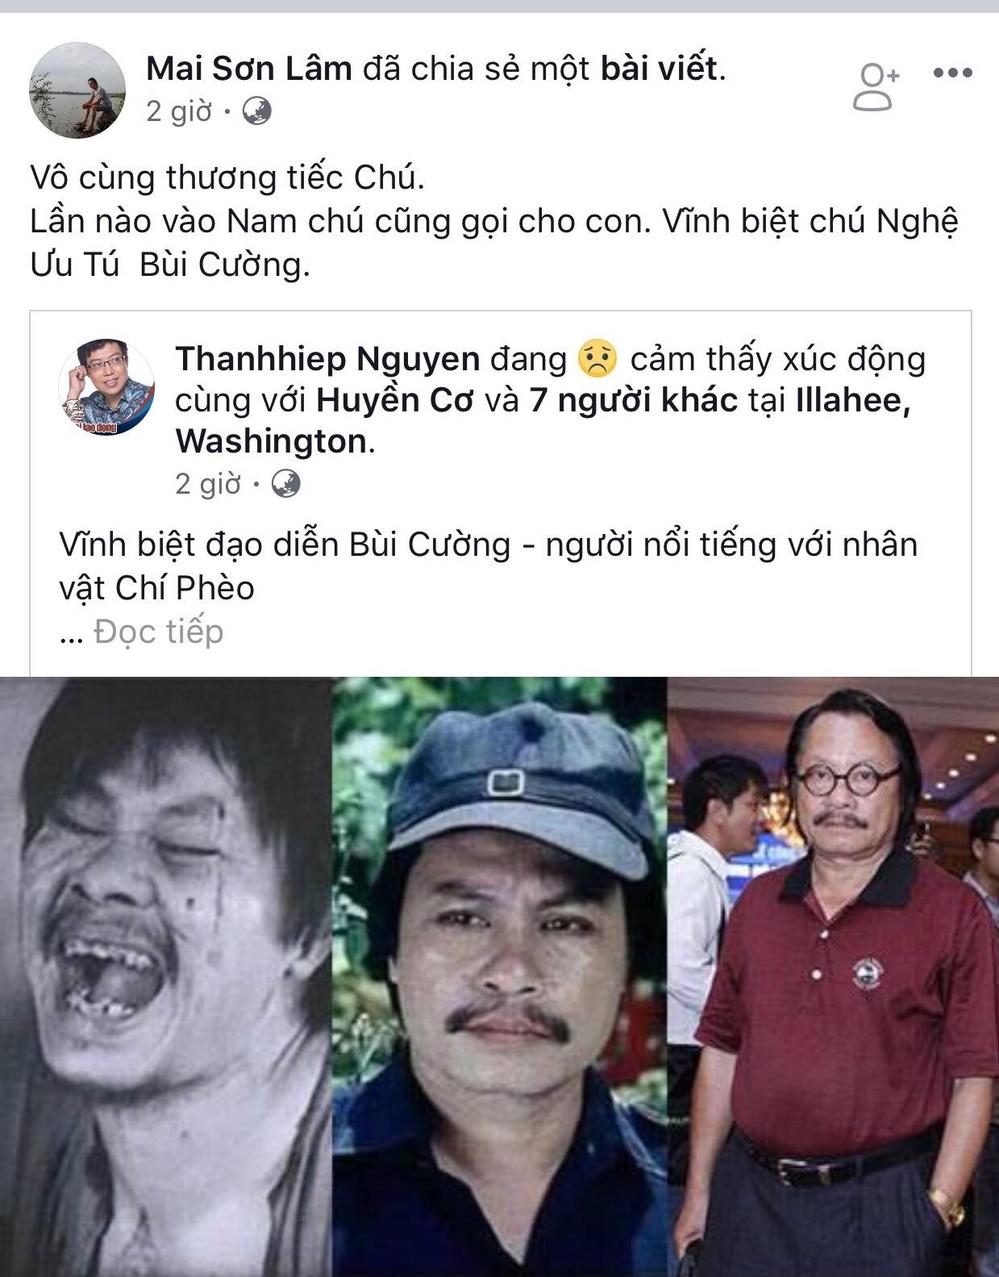 Diễn viên Mai Sơn Lâm cũng tiếc thương trước sự ra đời của NSƯT Bùi Cường. - Tin sao Viet - Tin tuc sao Viet - Scandal sao Viet - Tin tuc cua Sao - Tin cua Sao